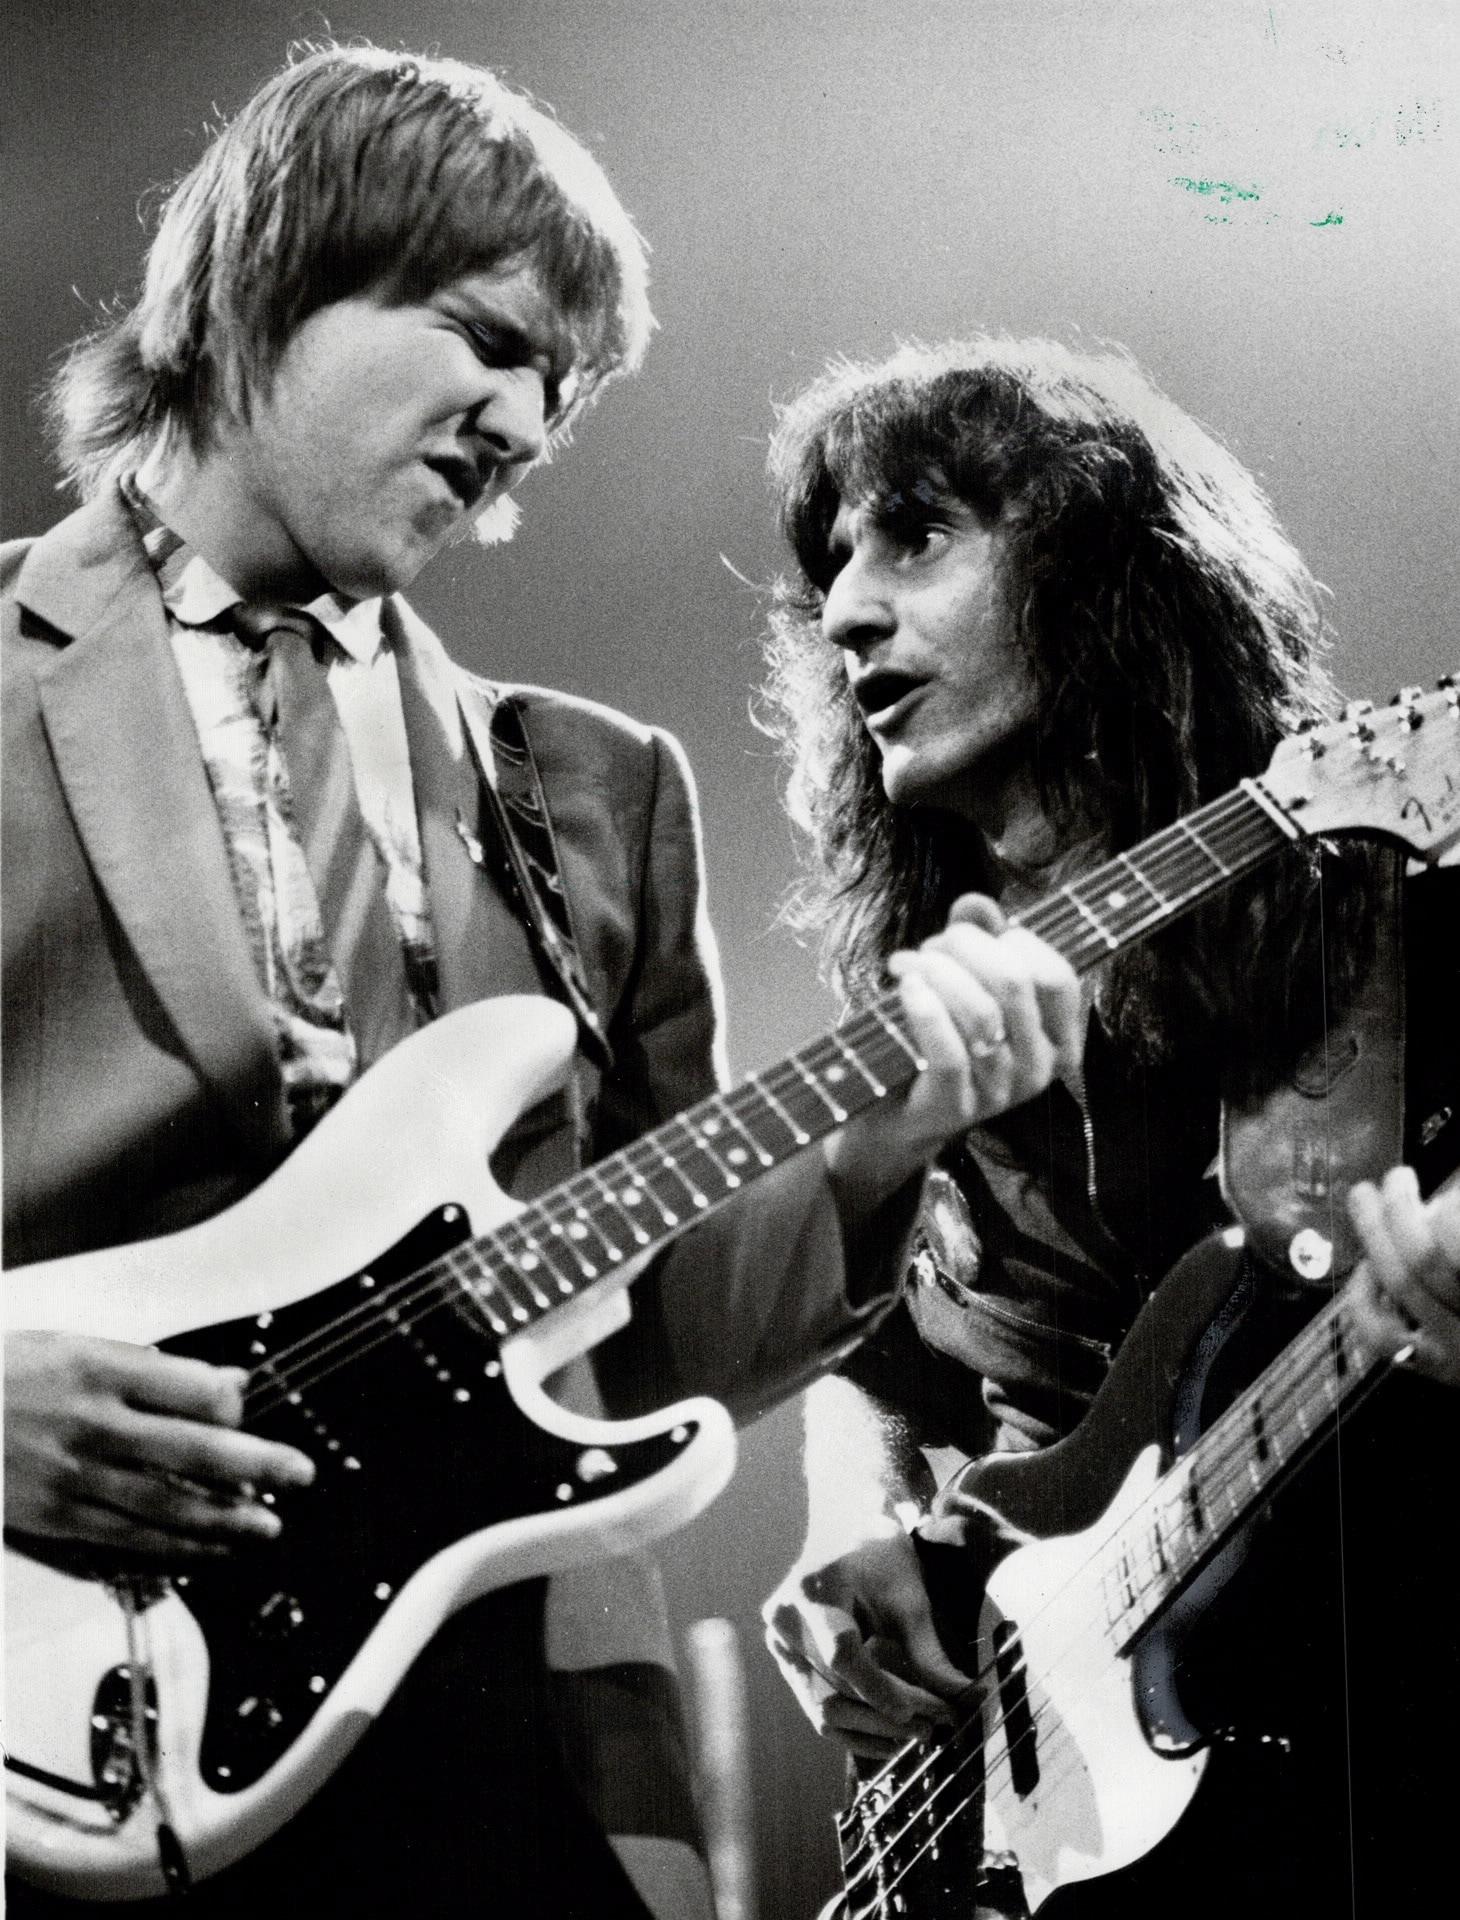 Gros plan sur deux hommes, l'un tenant une guitare et l'autre, une basse. Le guitariste a ses yeux fermés et il louche. Le bassiste le regarde intensément.